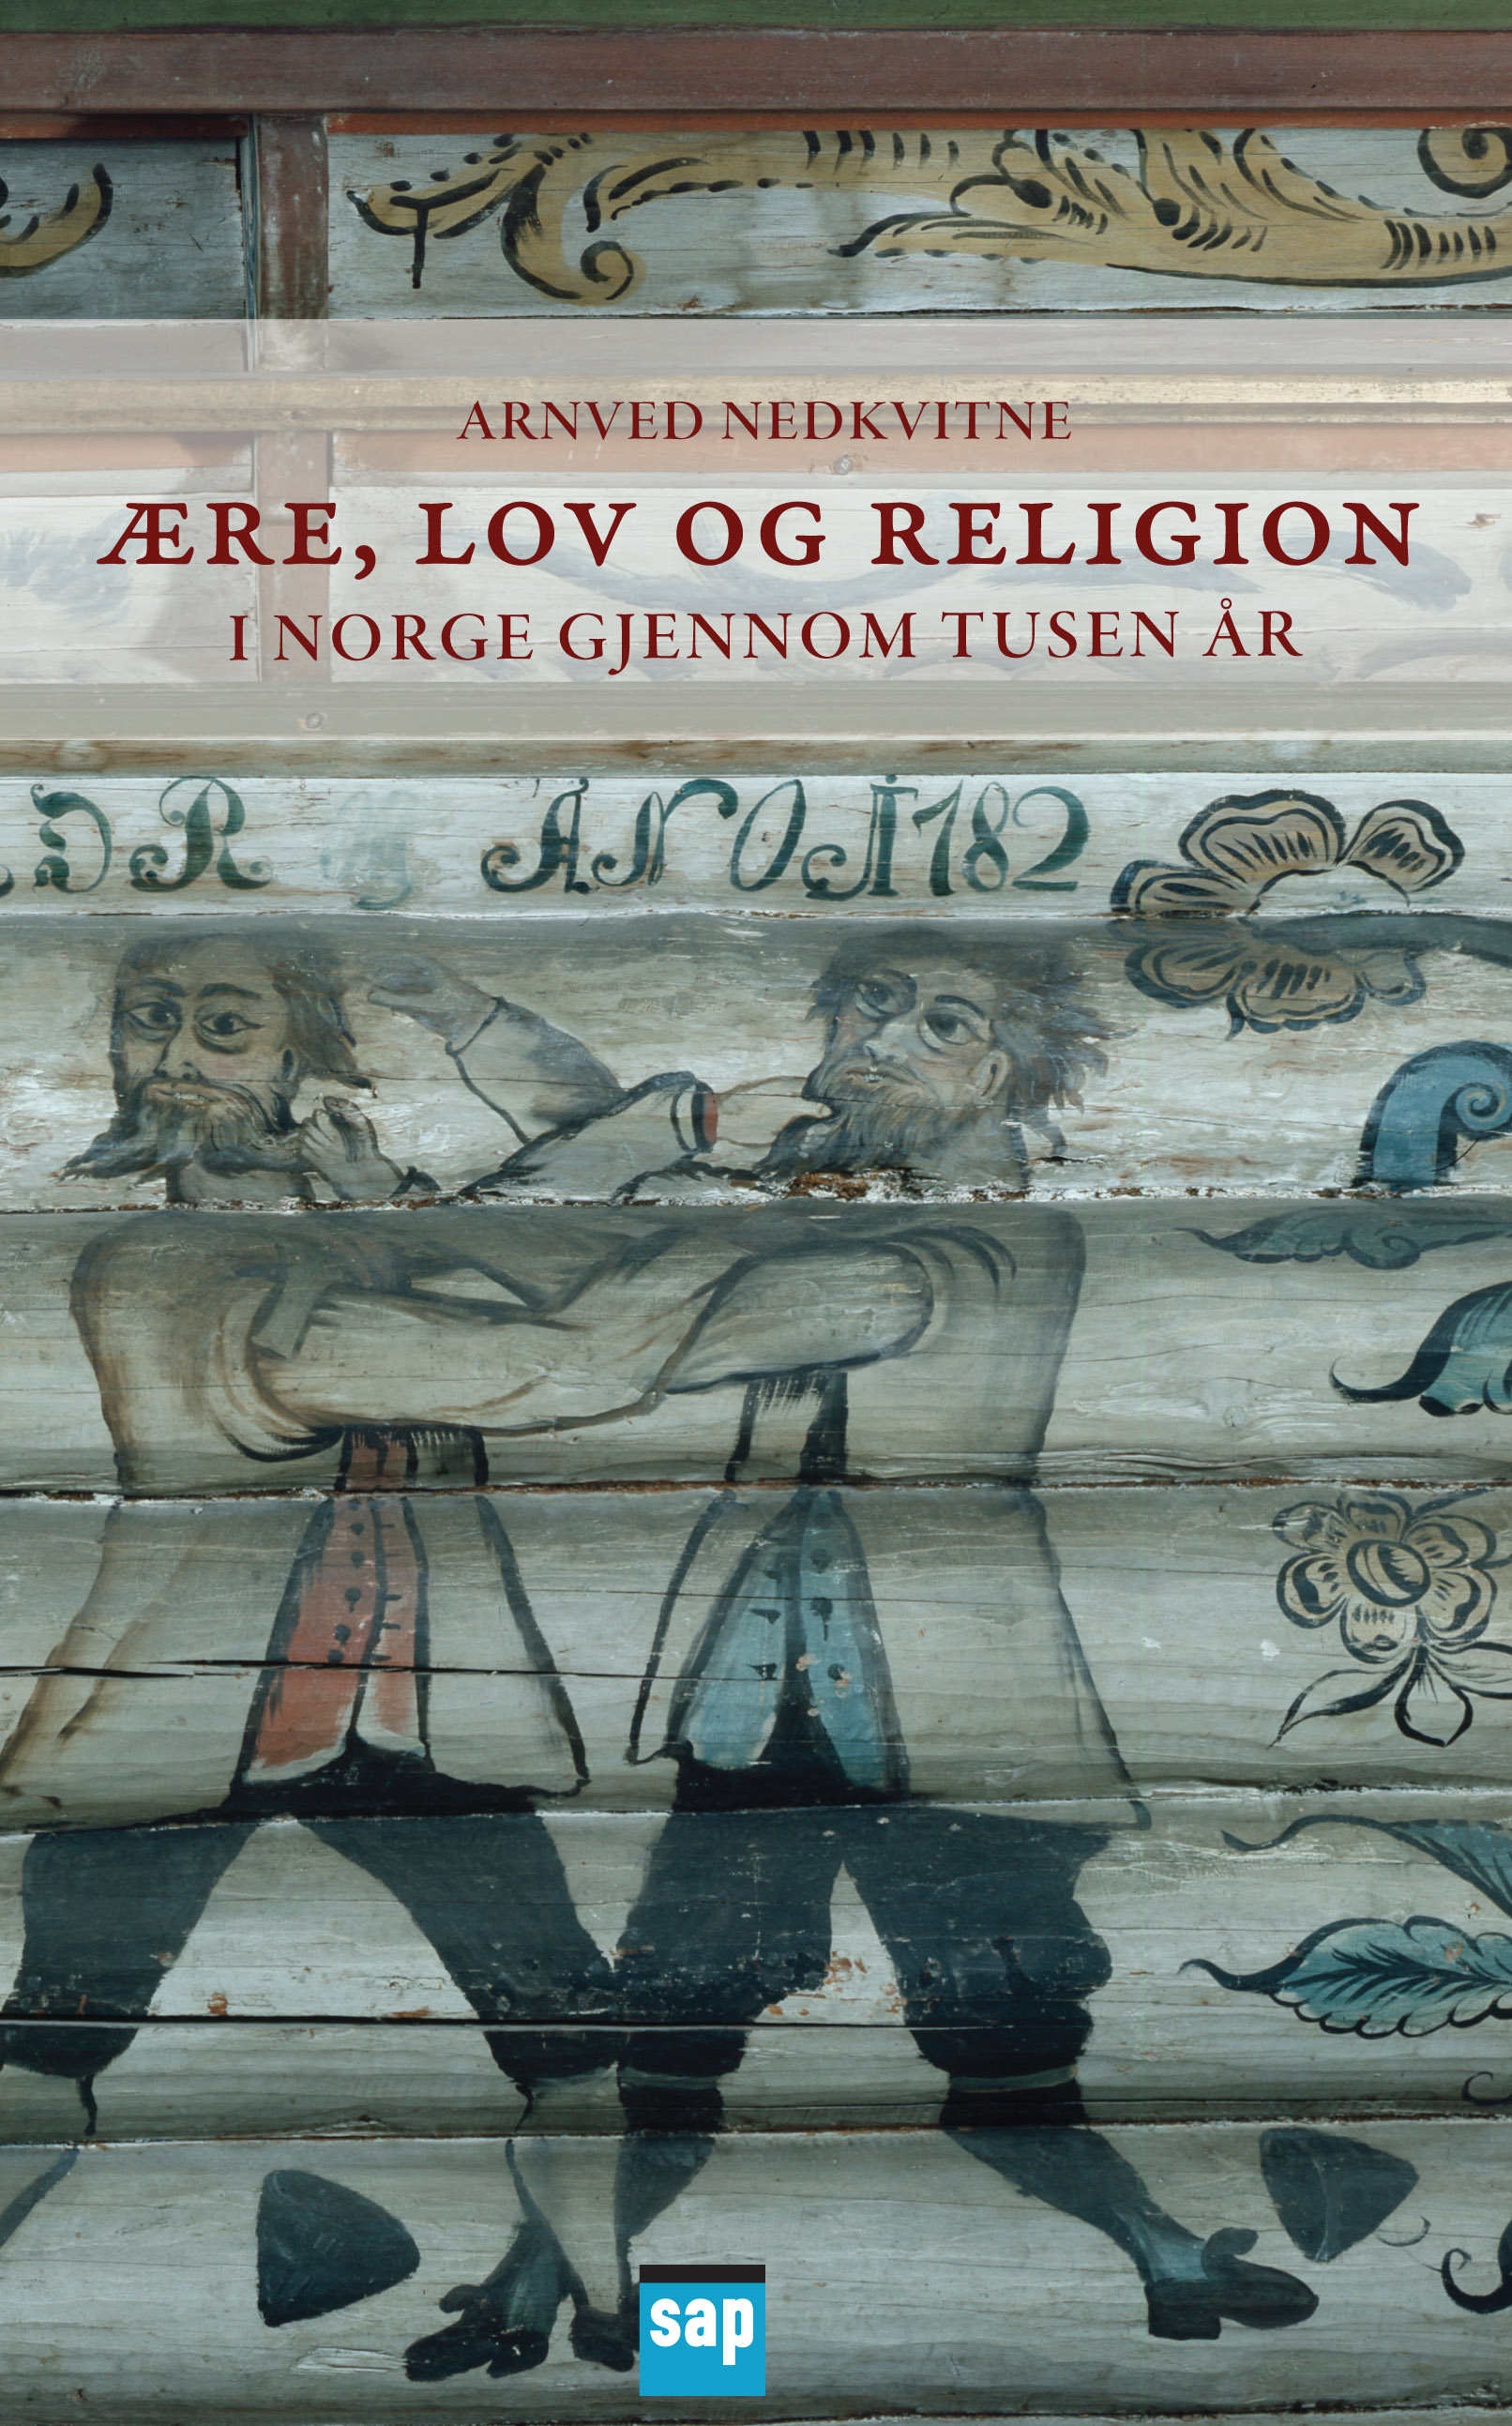 Are lov og religion